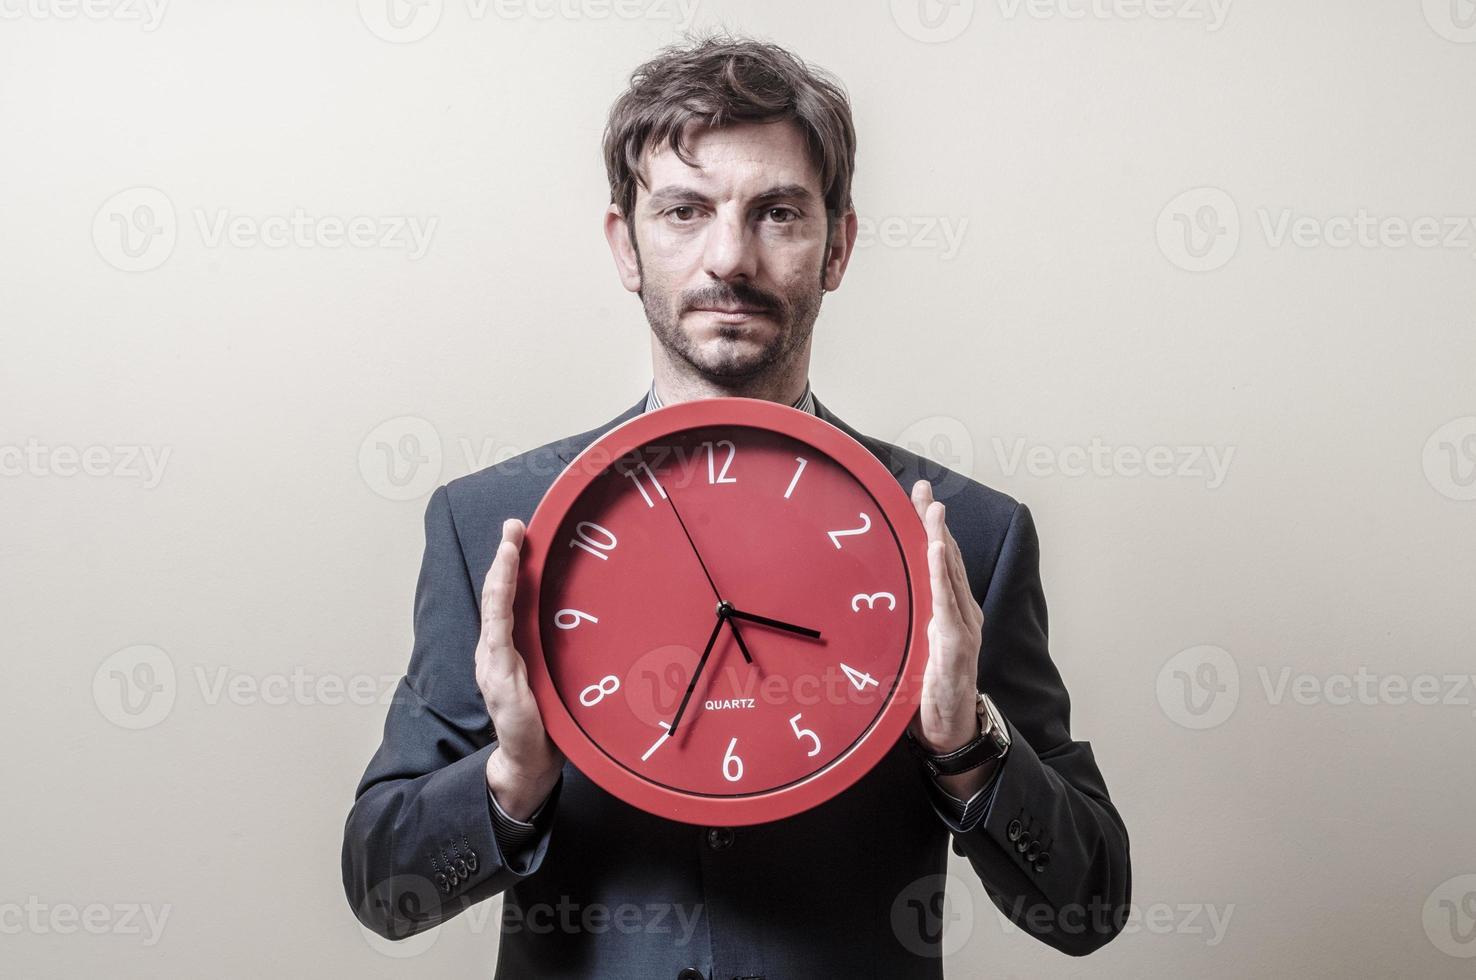 homme d'affaires avec horloge photo